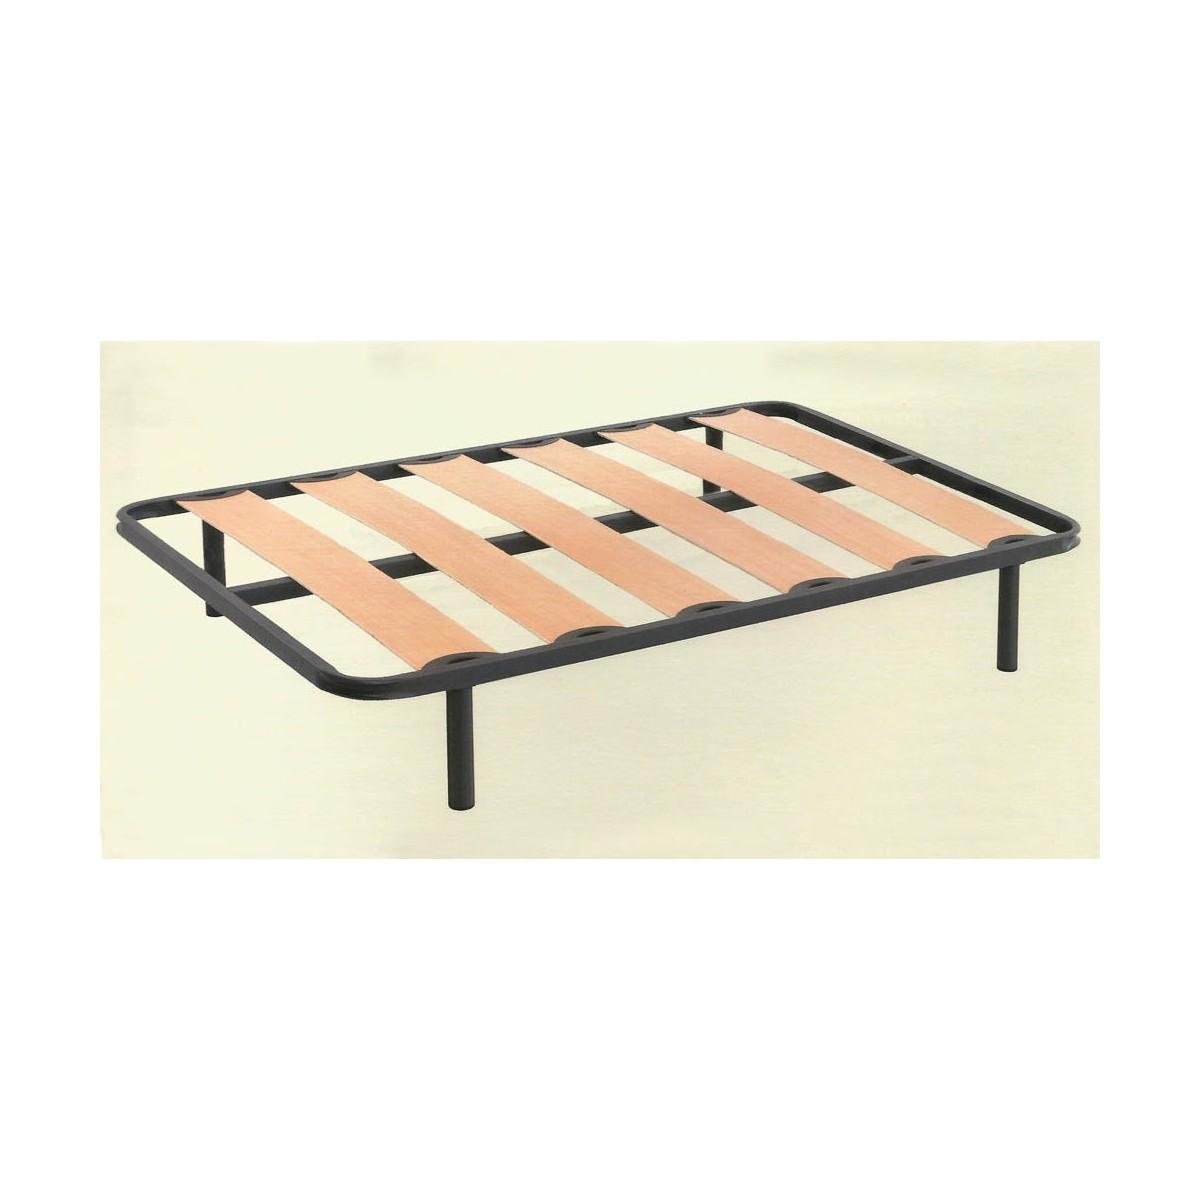 Somier de laminas con patas 90 x 190 cm   bainba.com